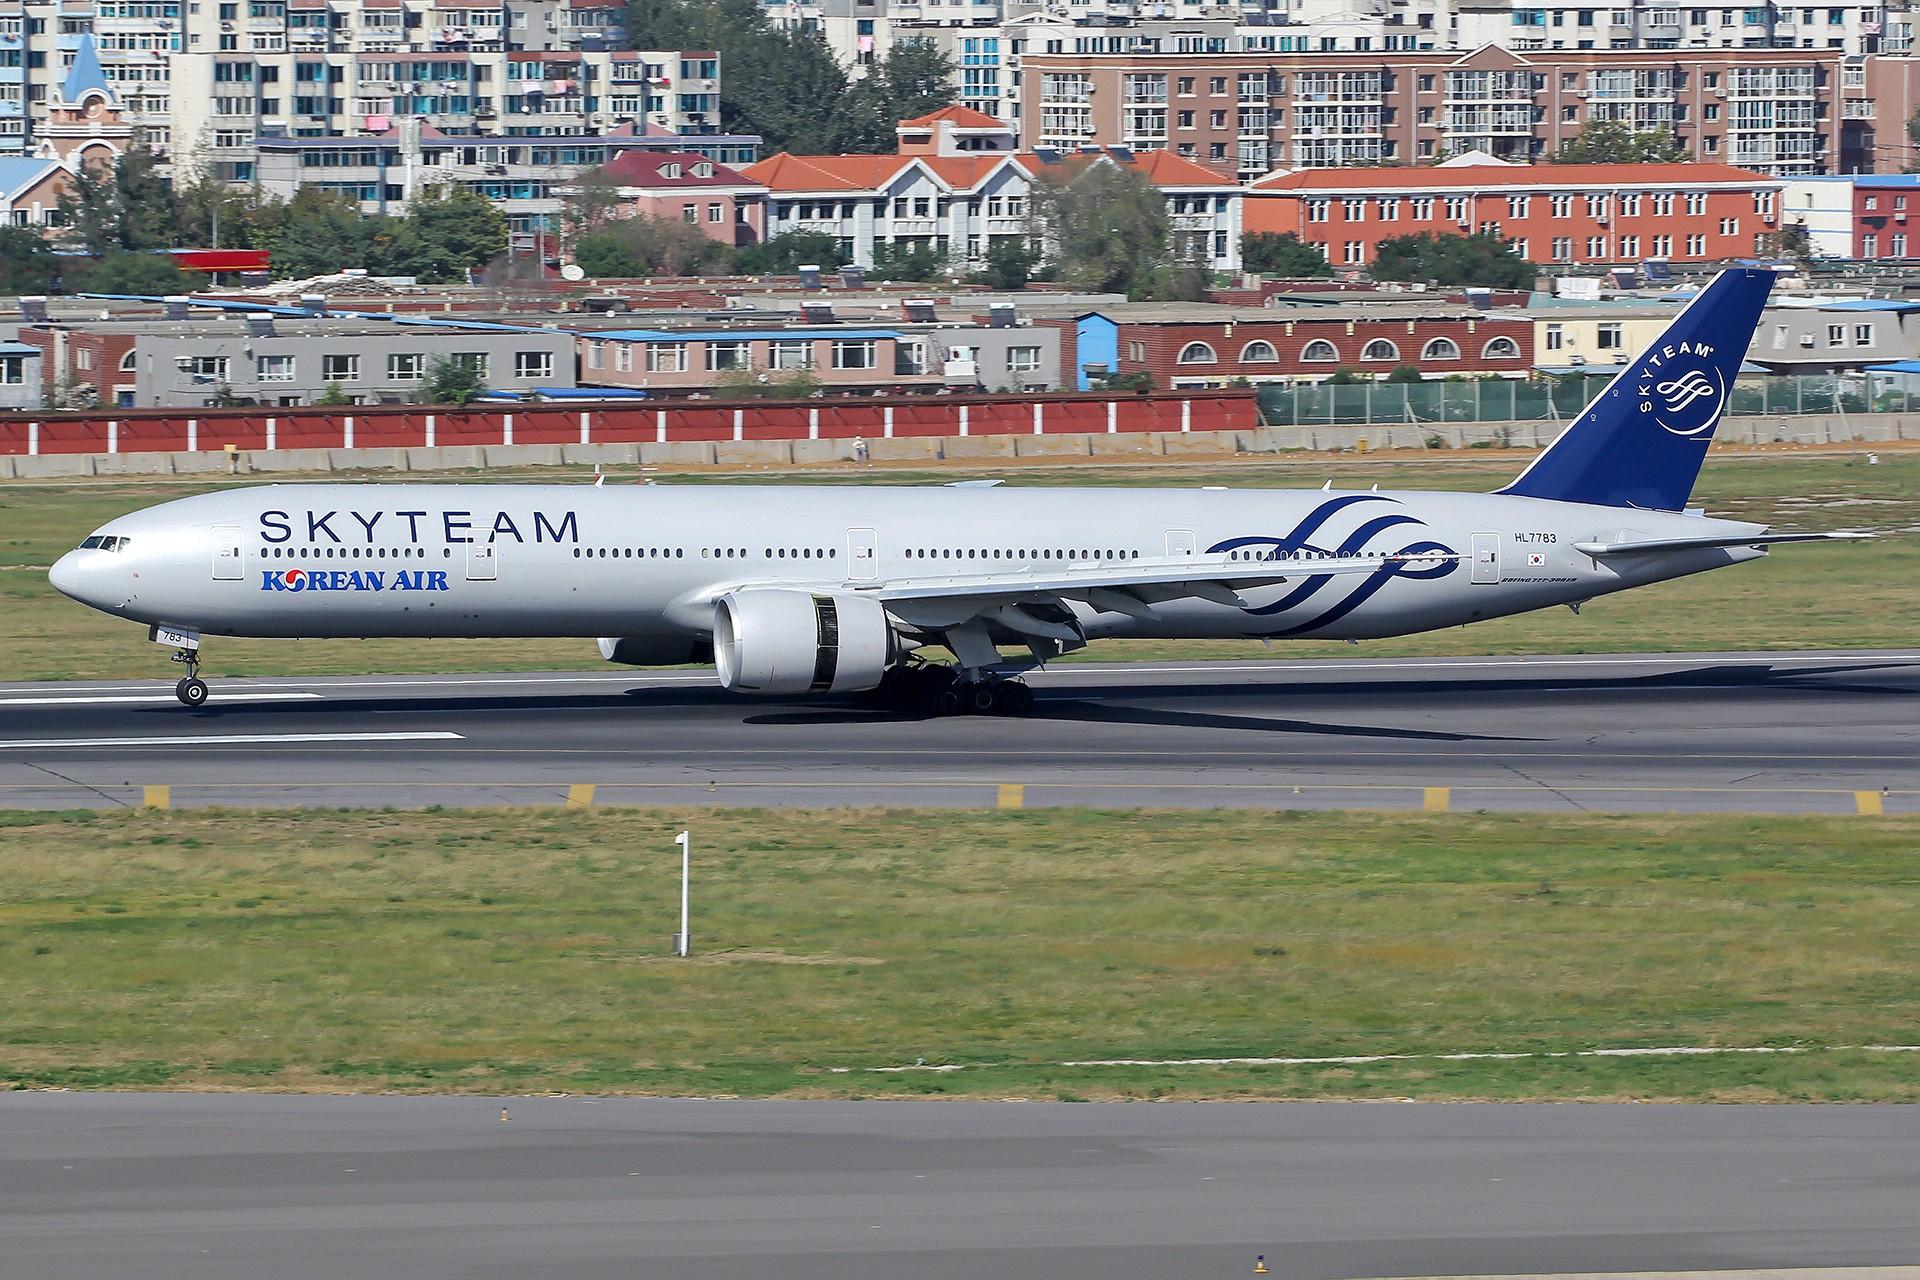 Re:[原创][DLC]。。。三架飞机两个联盟 。。。 BOEING 777-300ER HL7783 中国大连国际机场